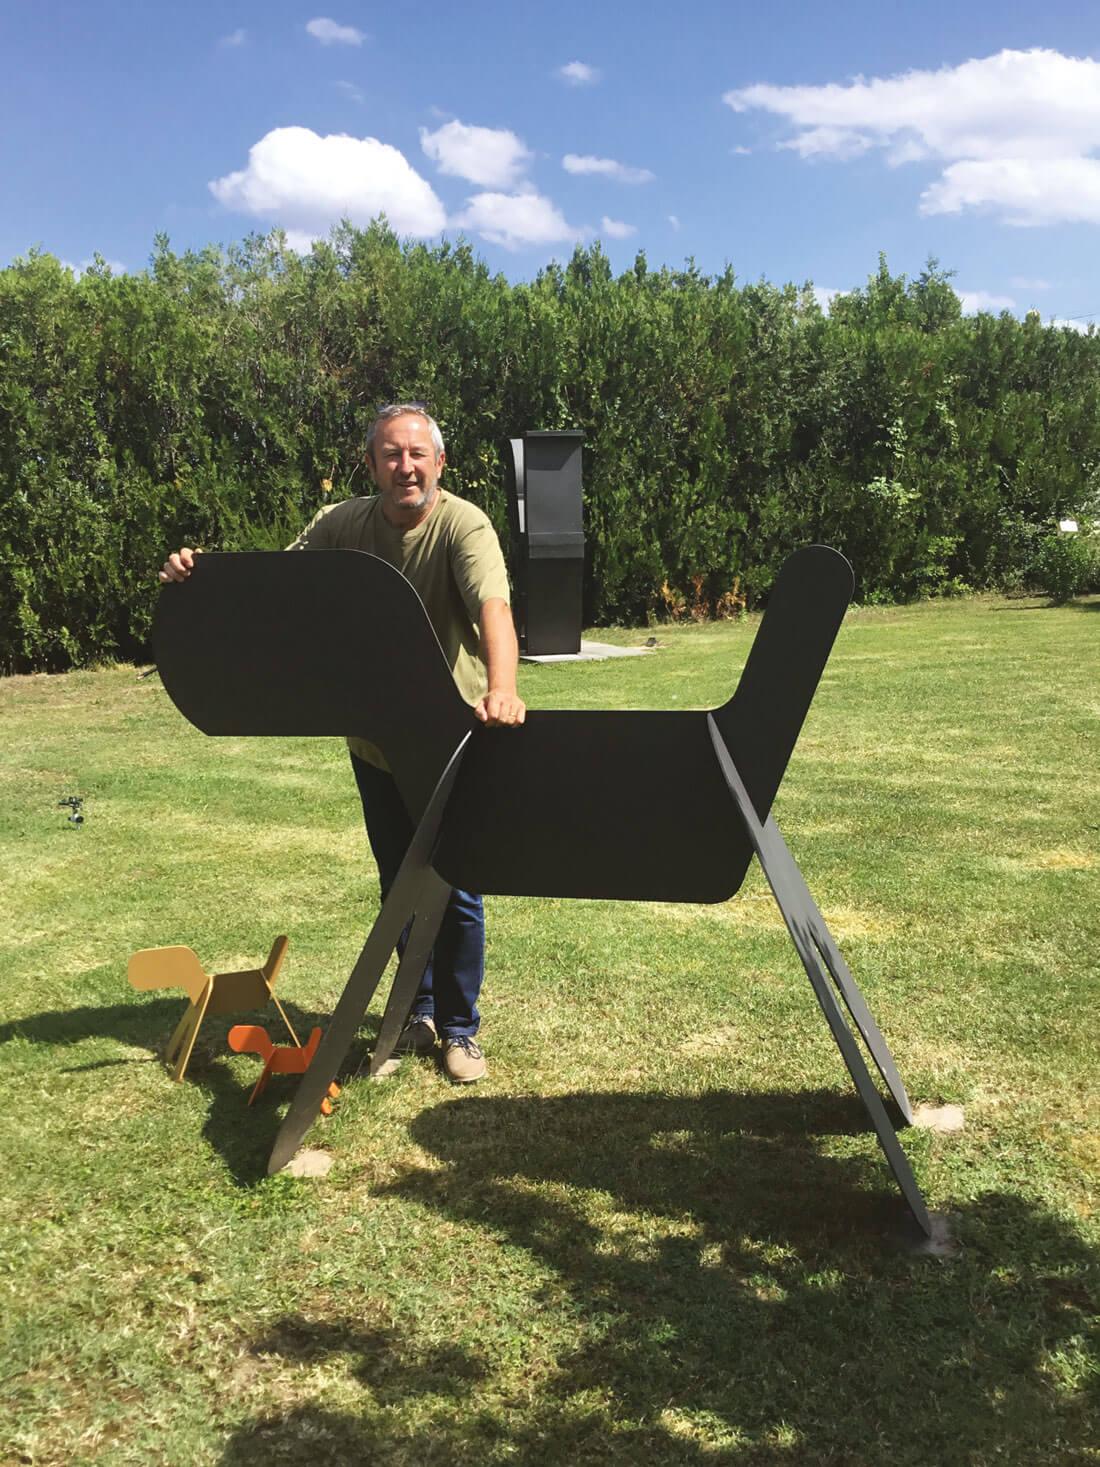 2021 09 toulouse alexandre machet chiens sculptures 01